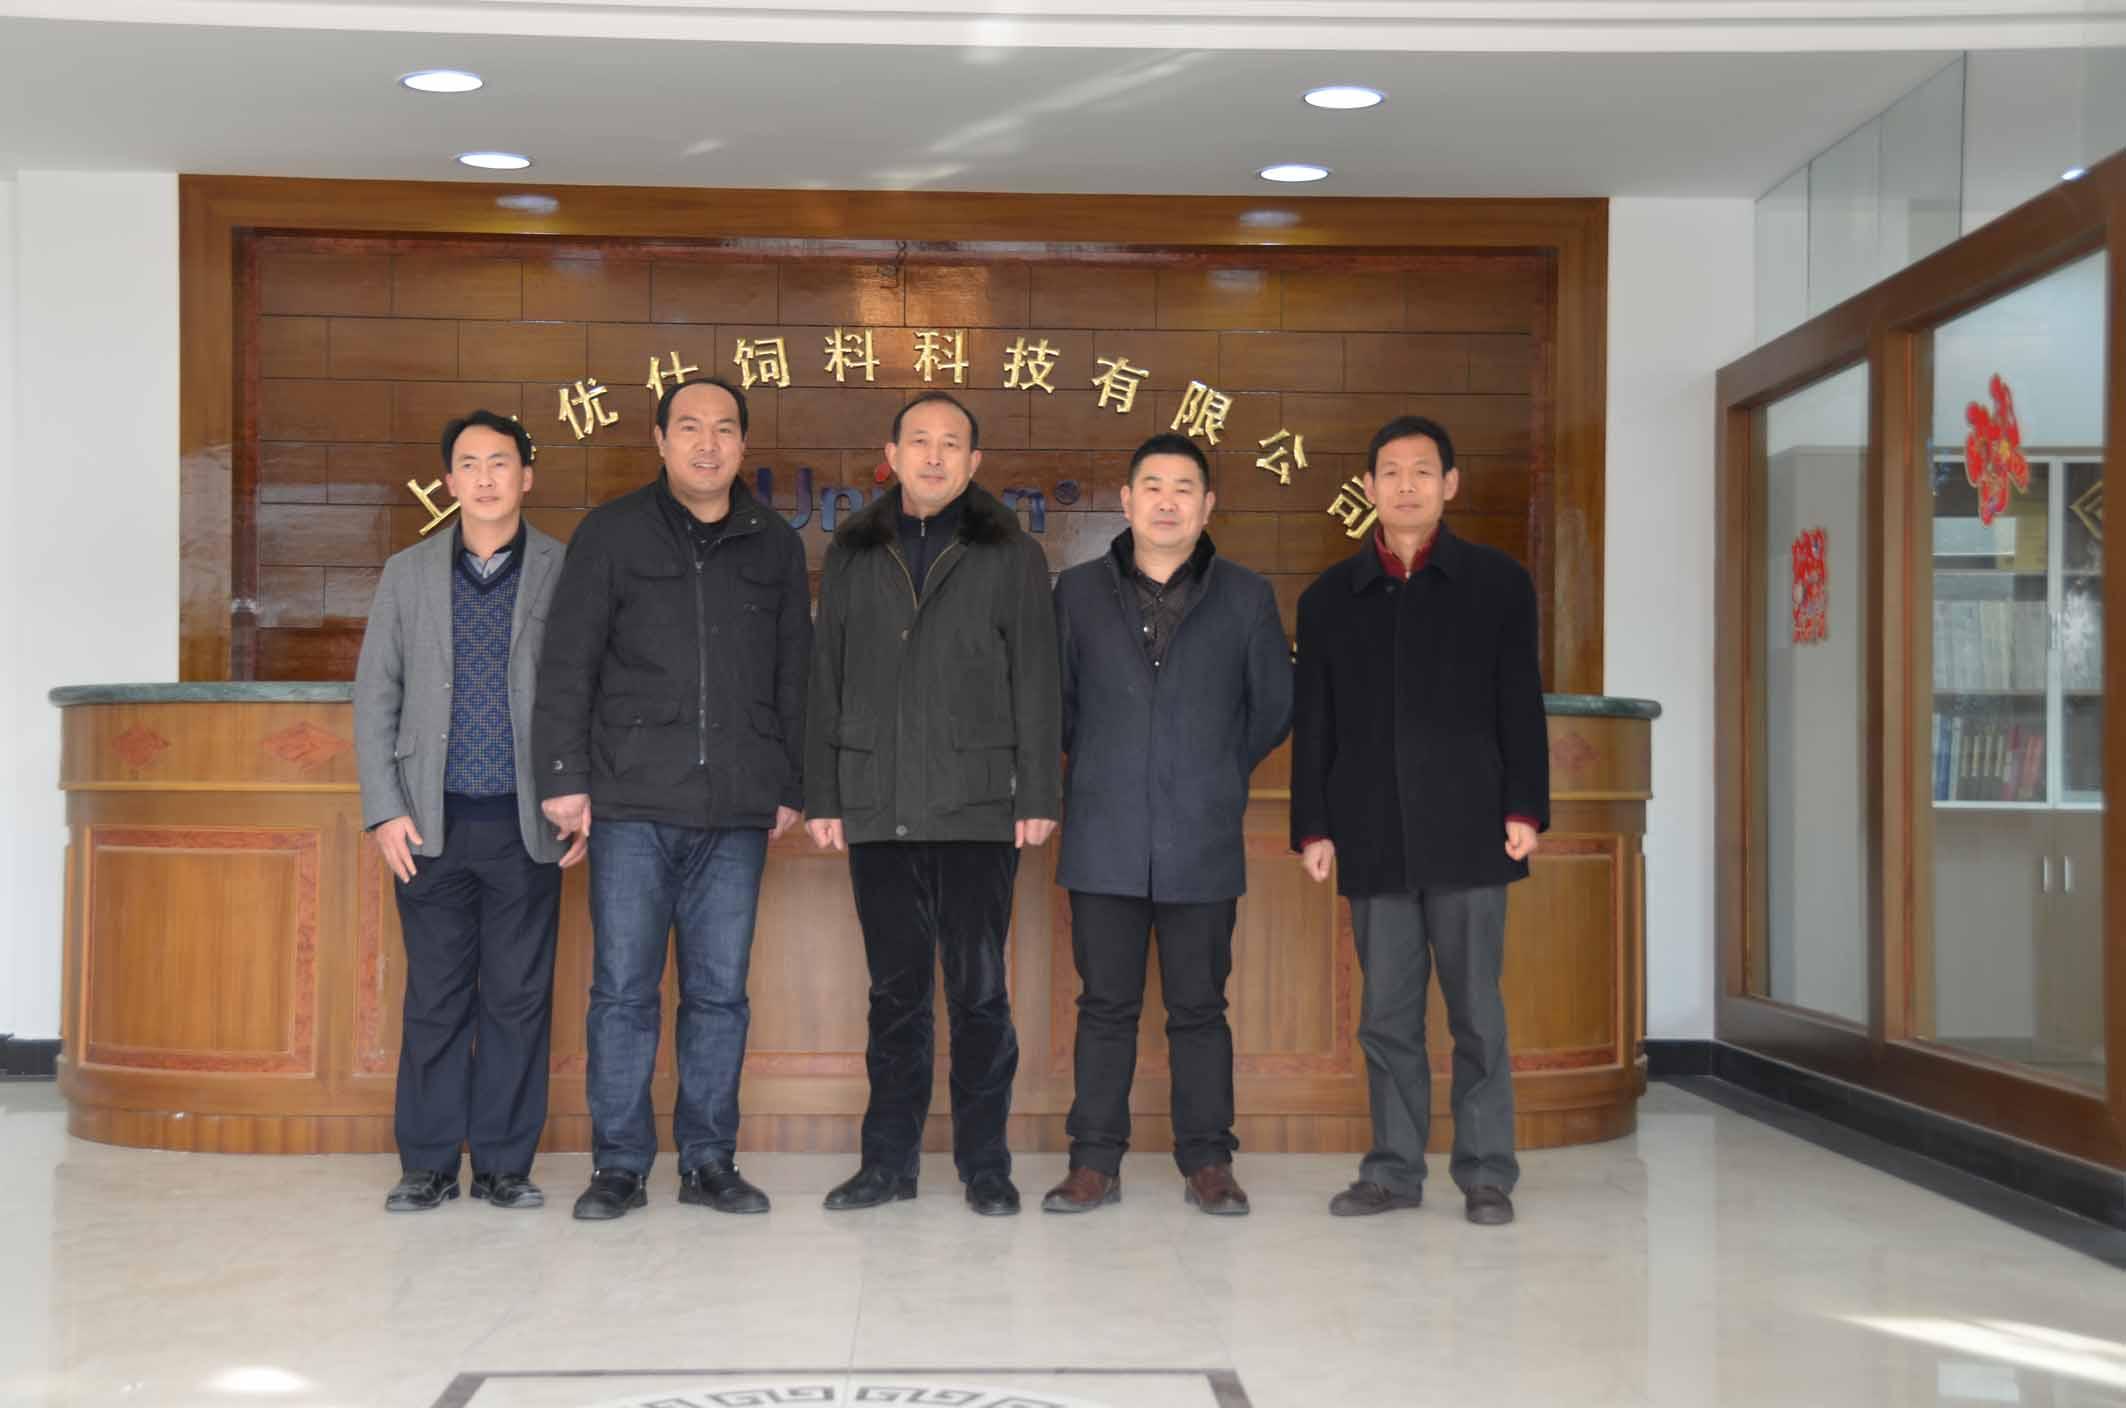 欢迎洛阳客户代表团来我公司考察指导!